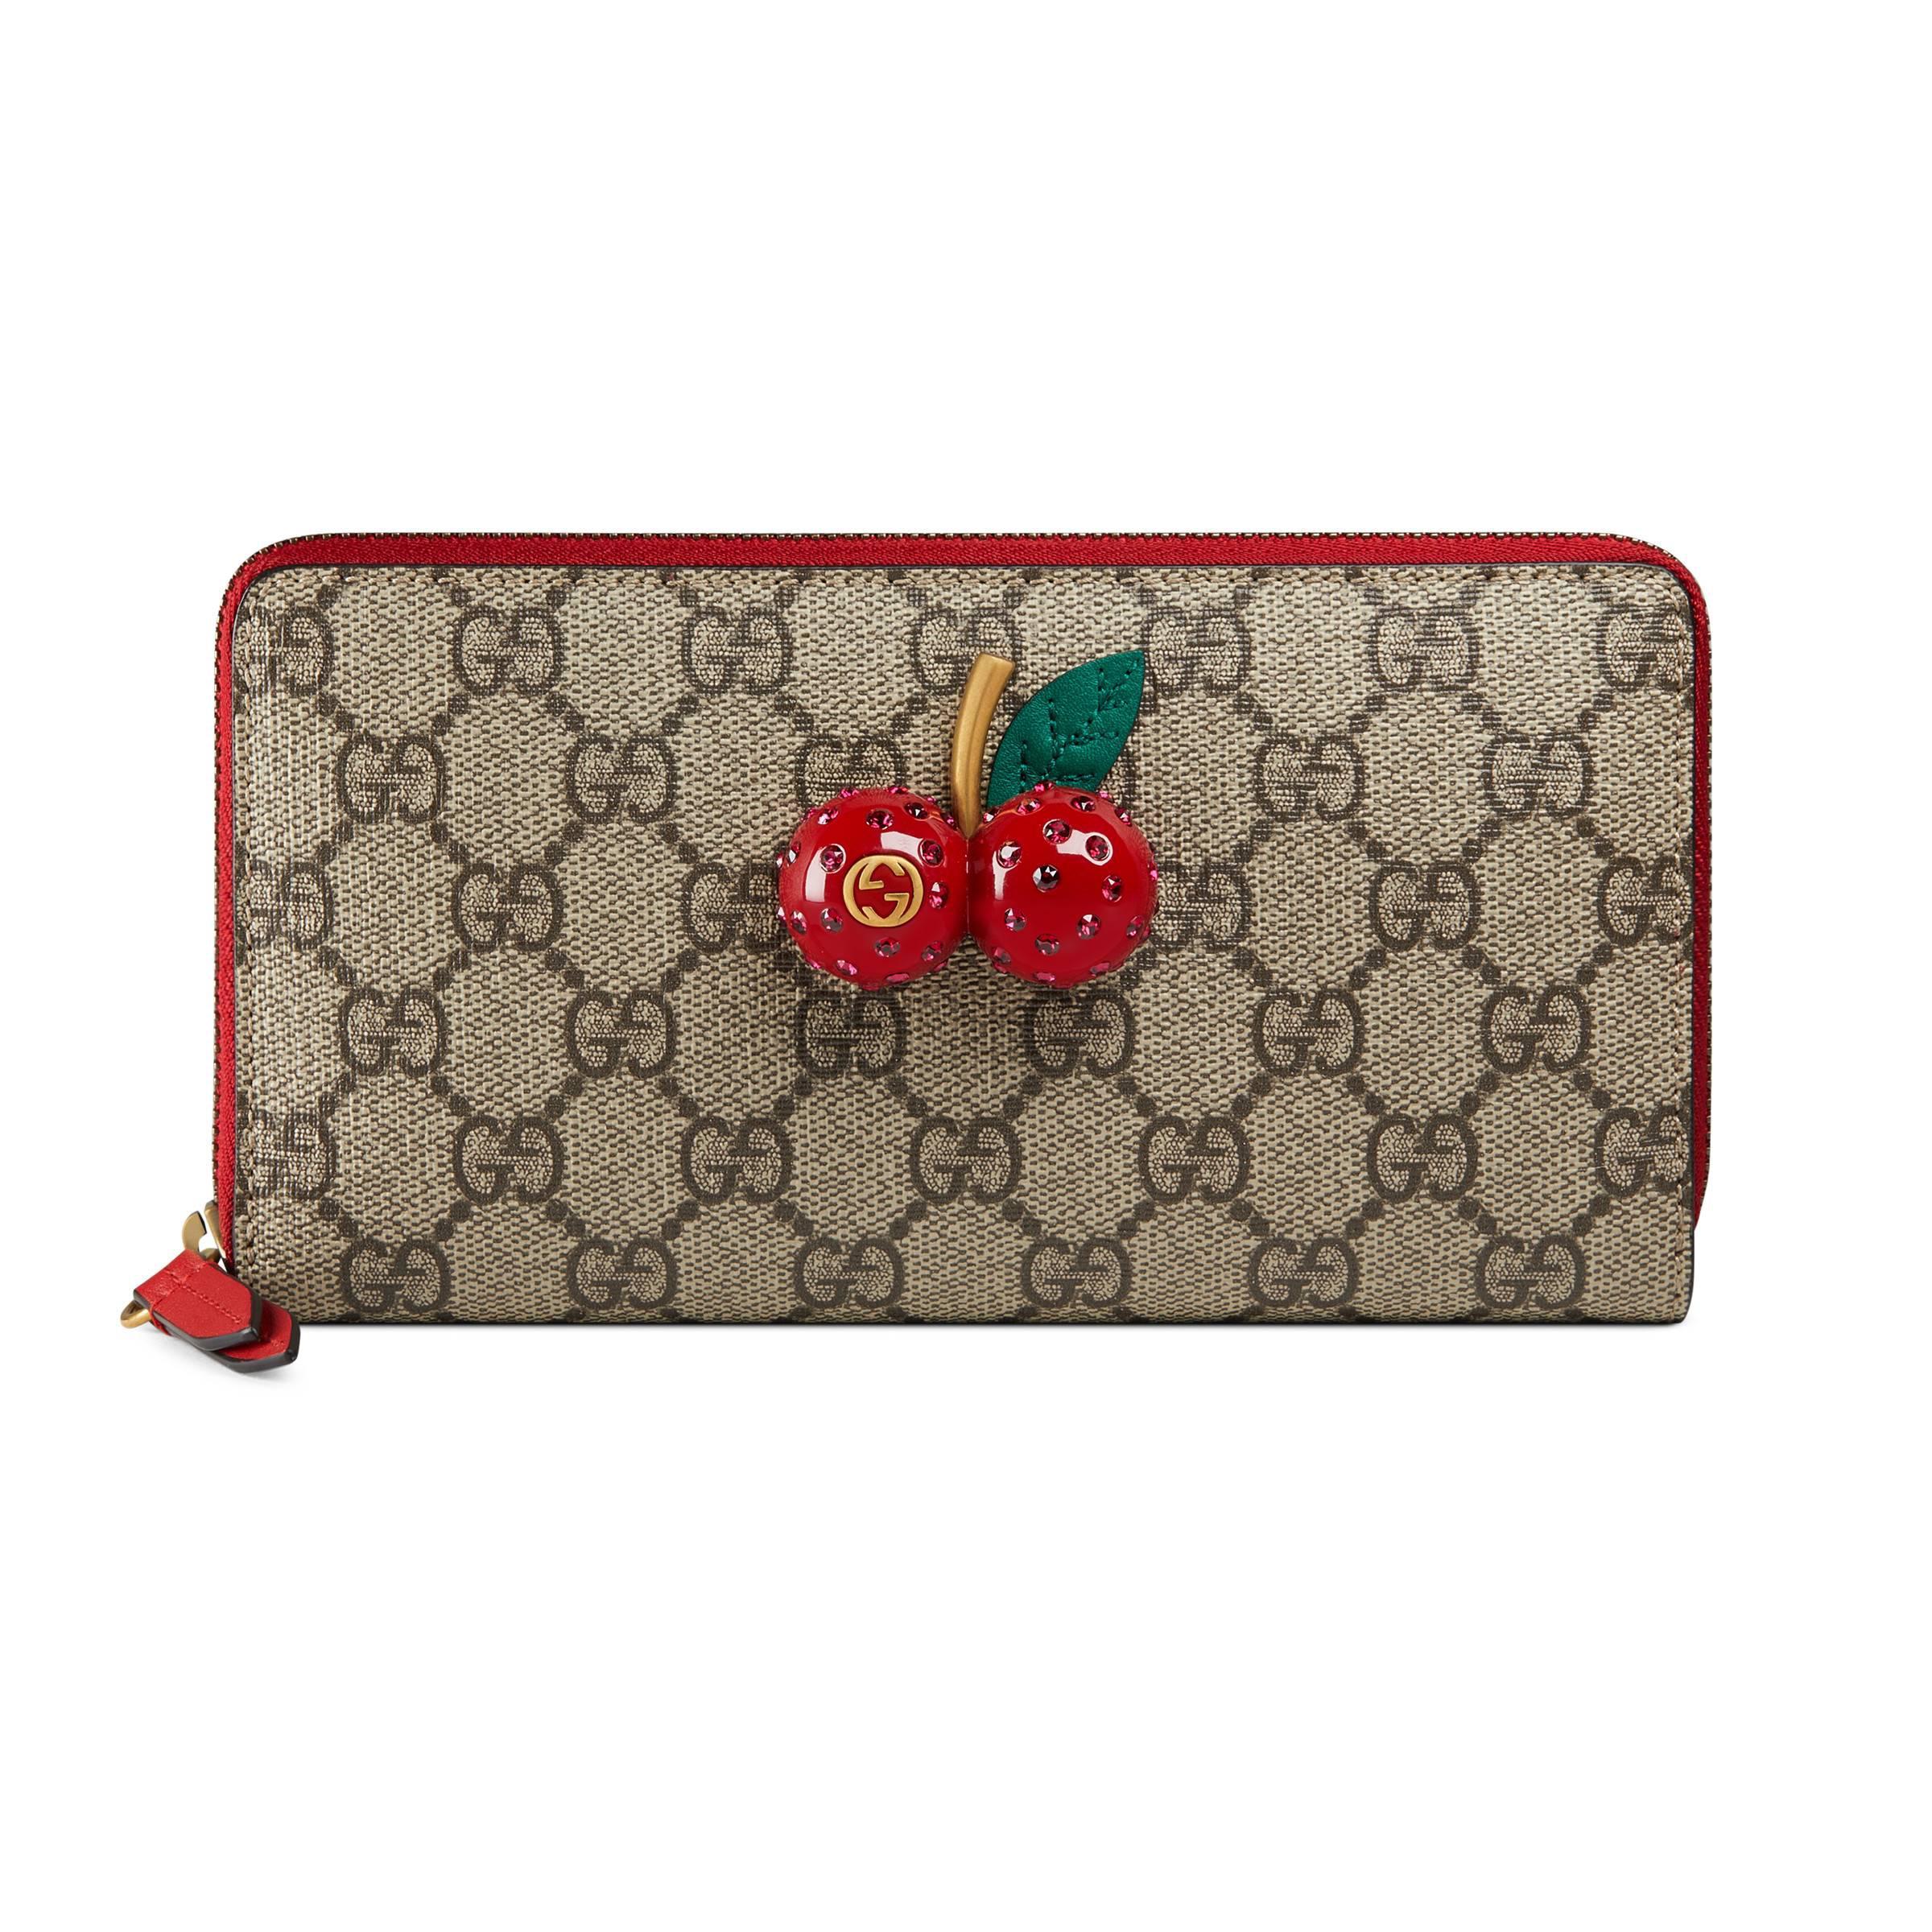 b163baa95a647 Gucci GG Supreme Brieftasche mit Rundumreißverschluss mit Kirschen ...